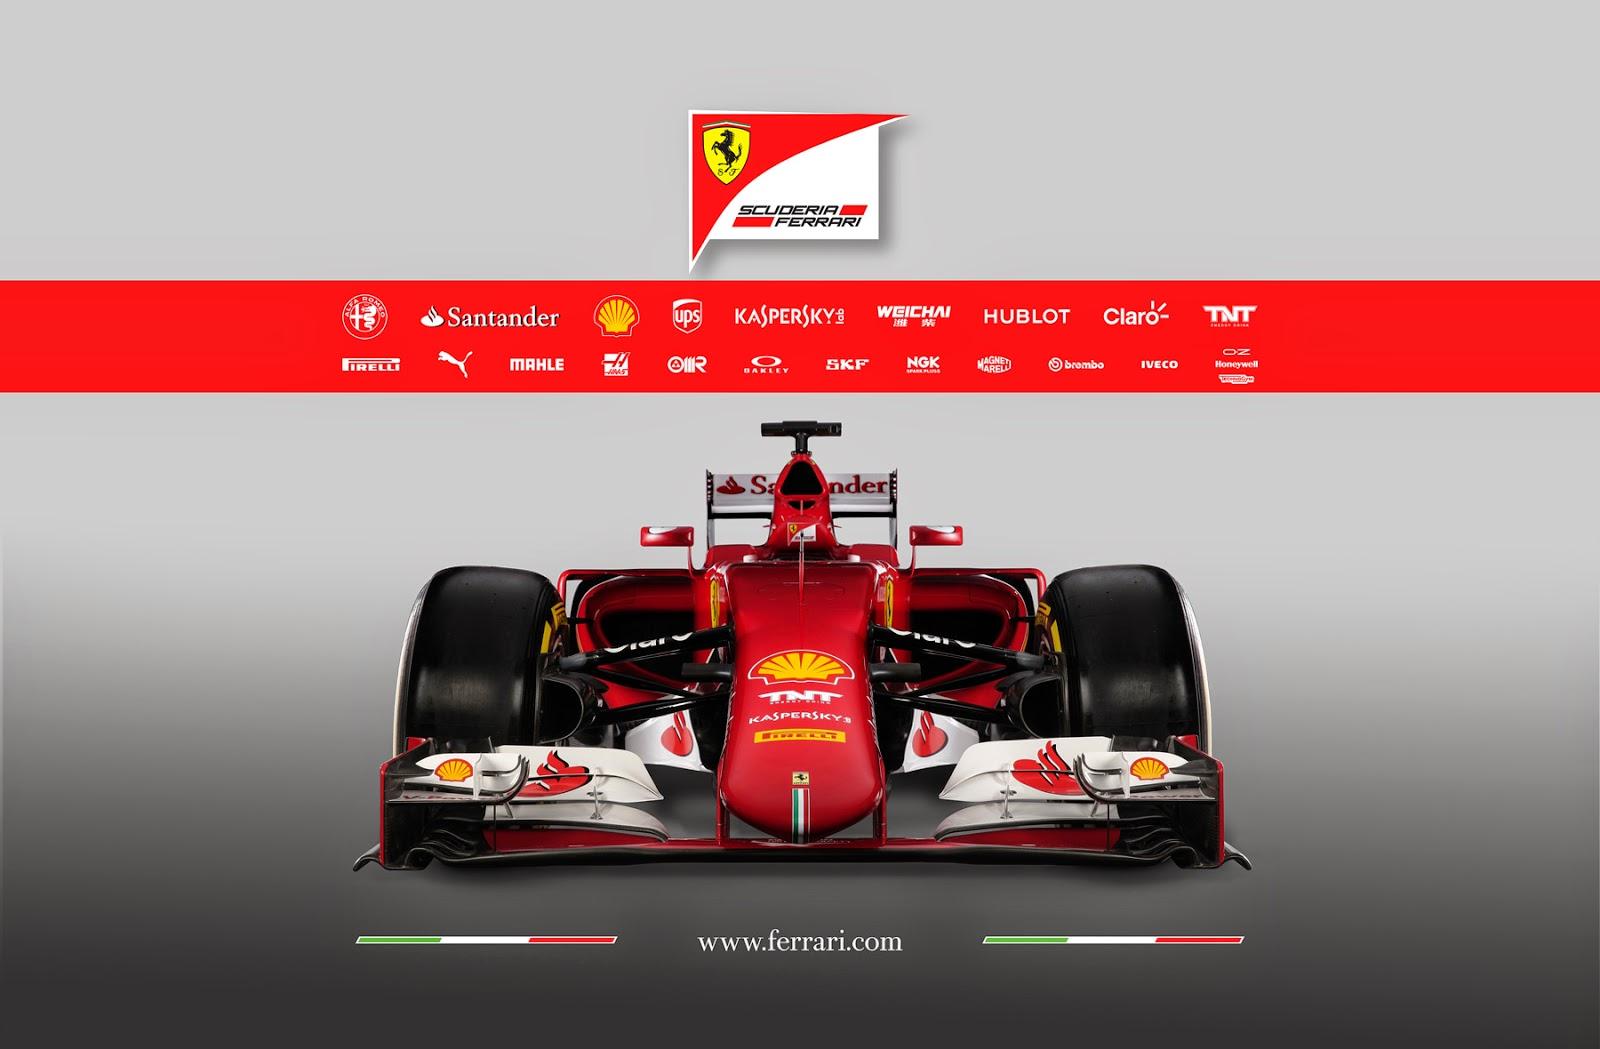 Scuderia ferrari f1 2017 wallpaper